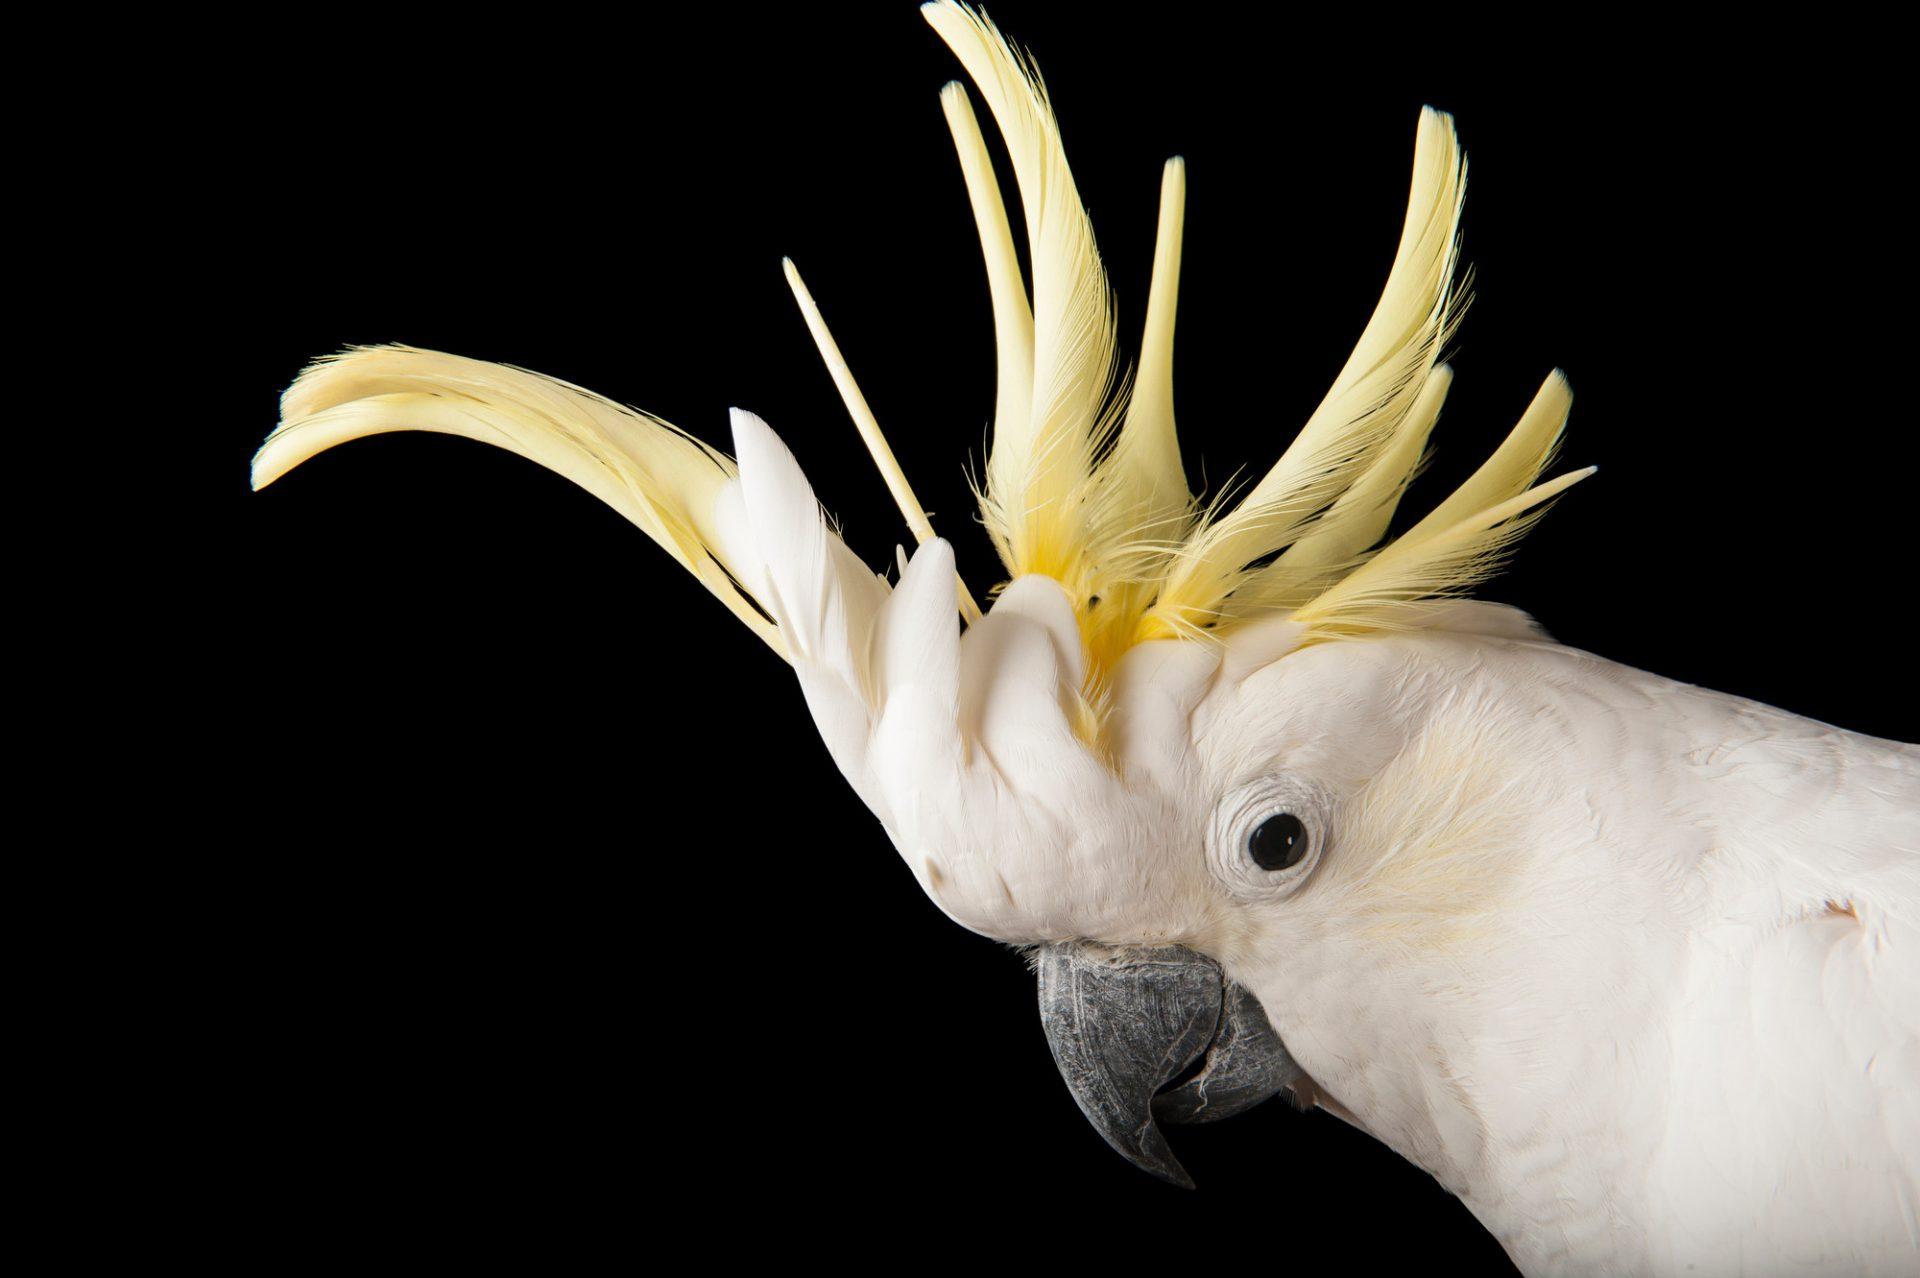 Picture of a sulphur-crested cockatoo (Cacatua galerita).